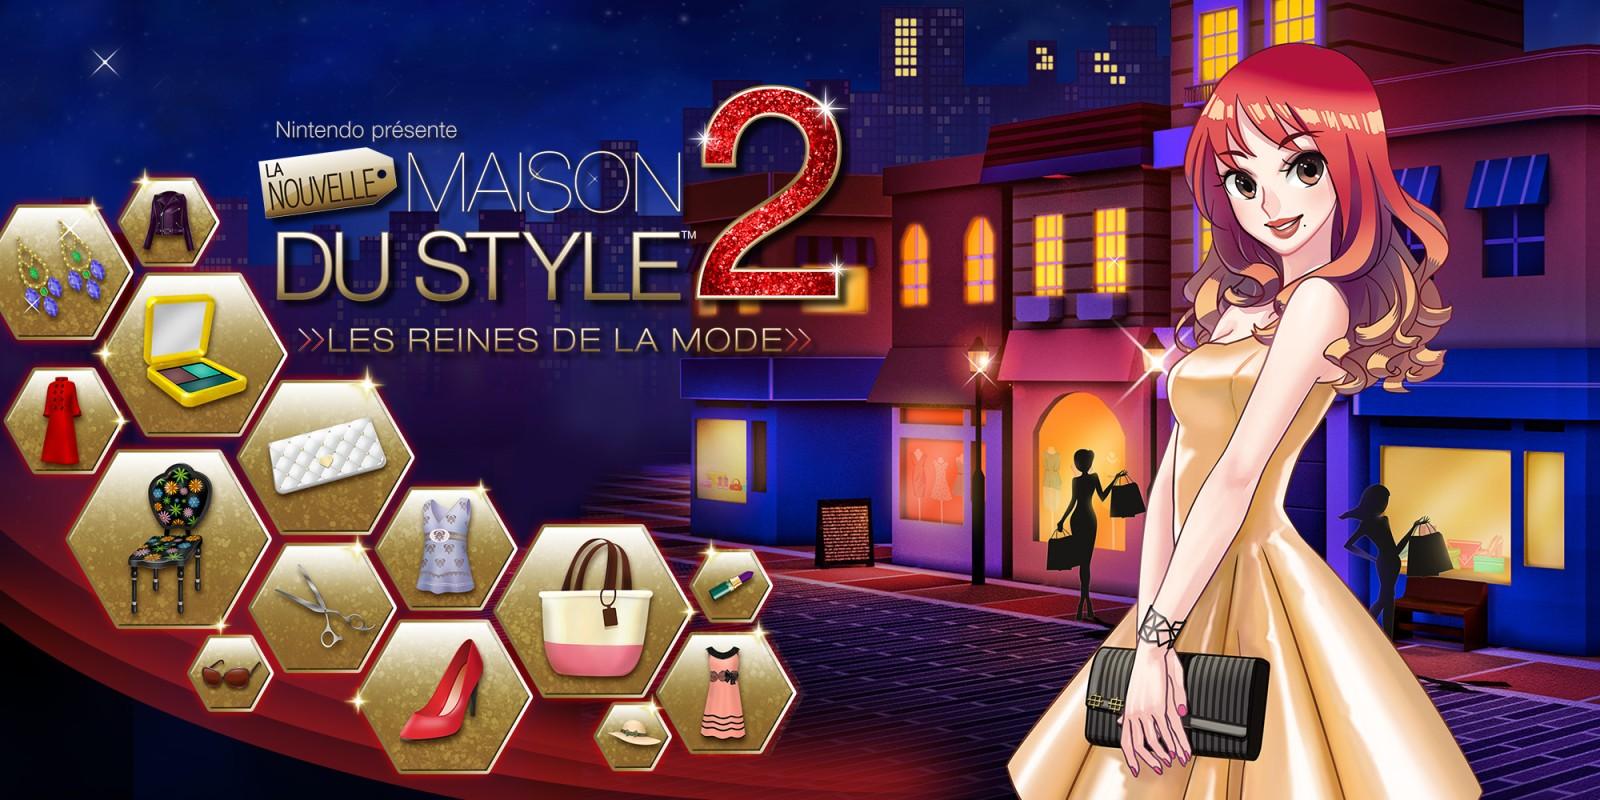 Nintendo Presente La Nouvelle Maison Du Style 2 Les Reines De La Mode Nintendo 3ds Jeux Nintendo